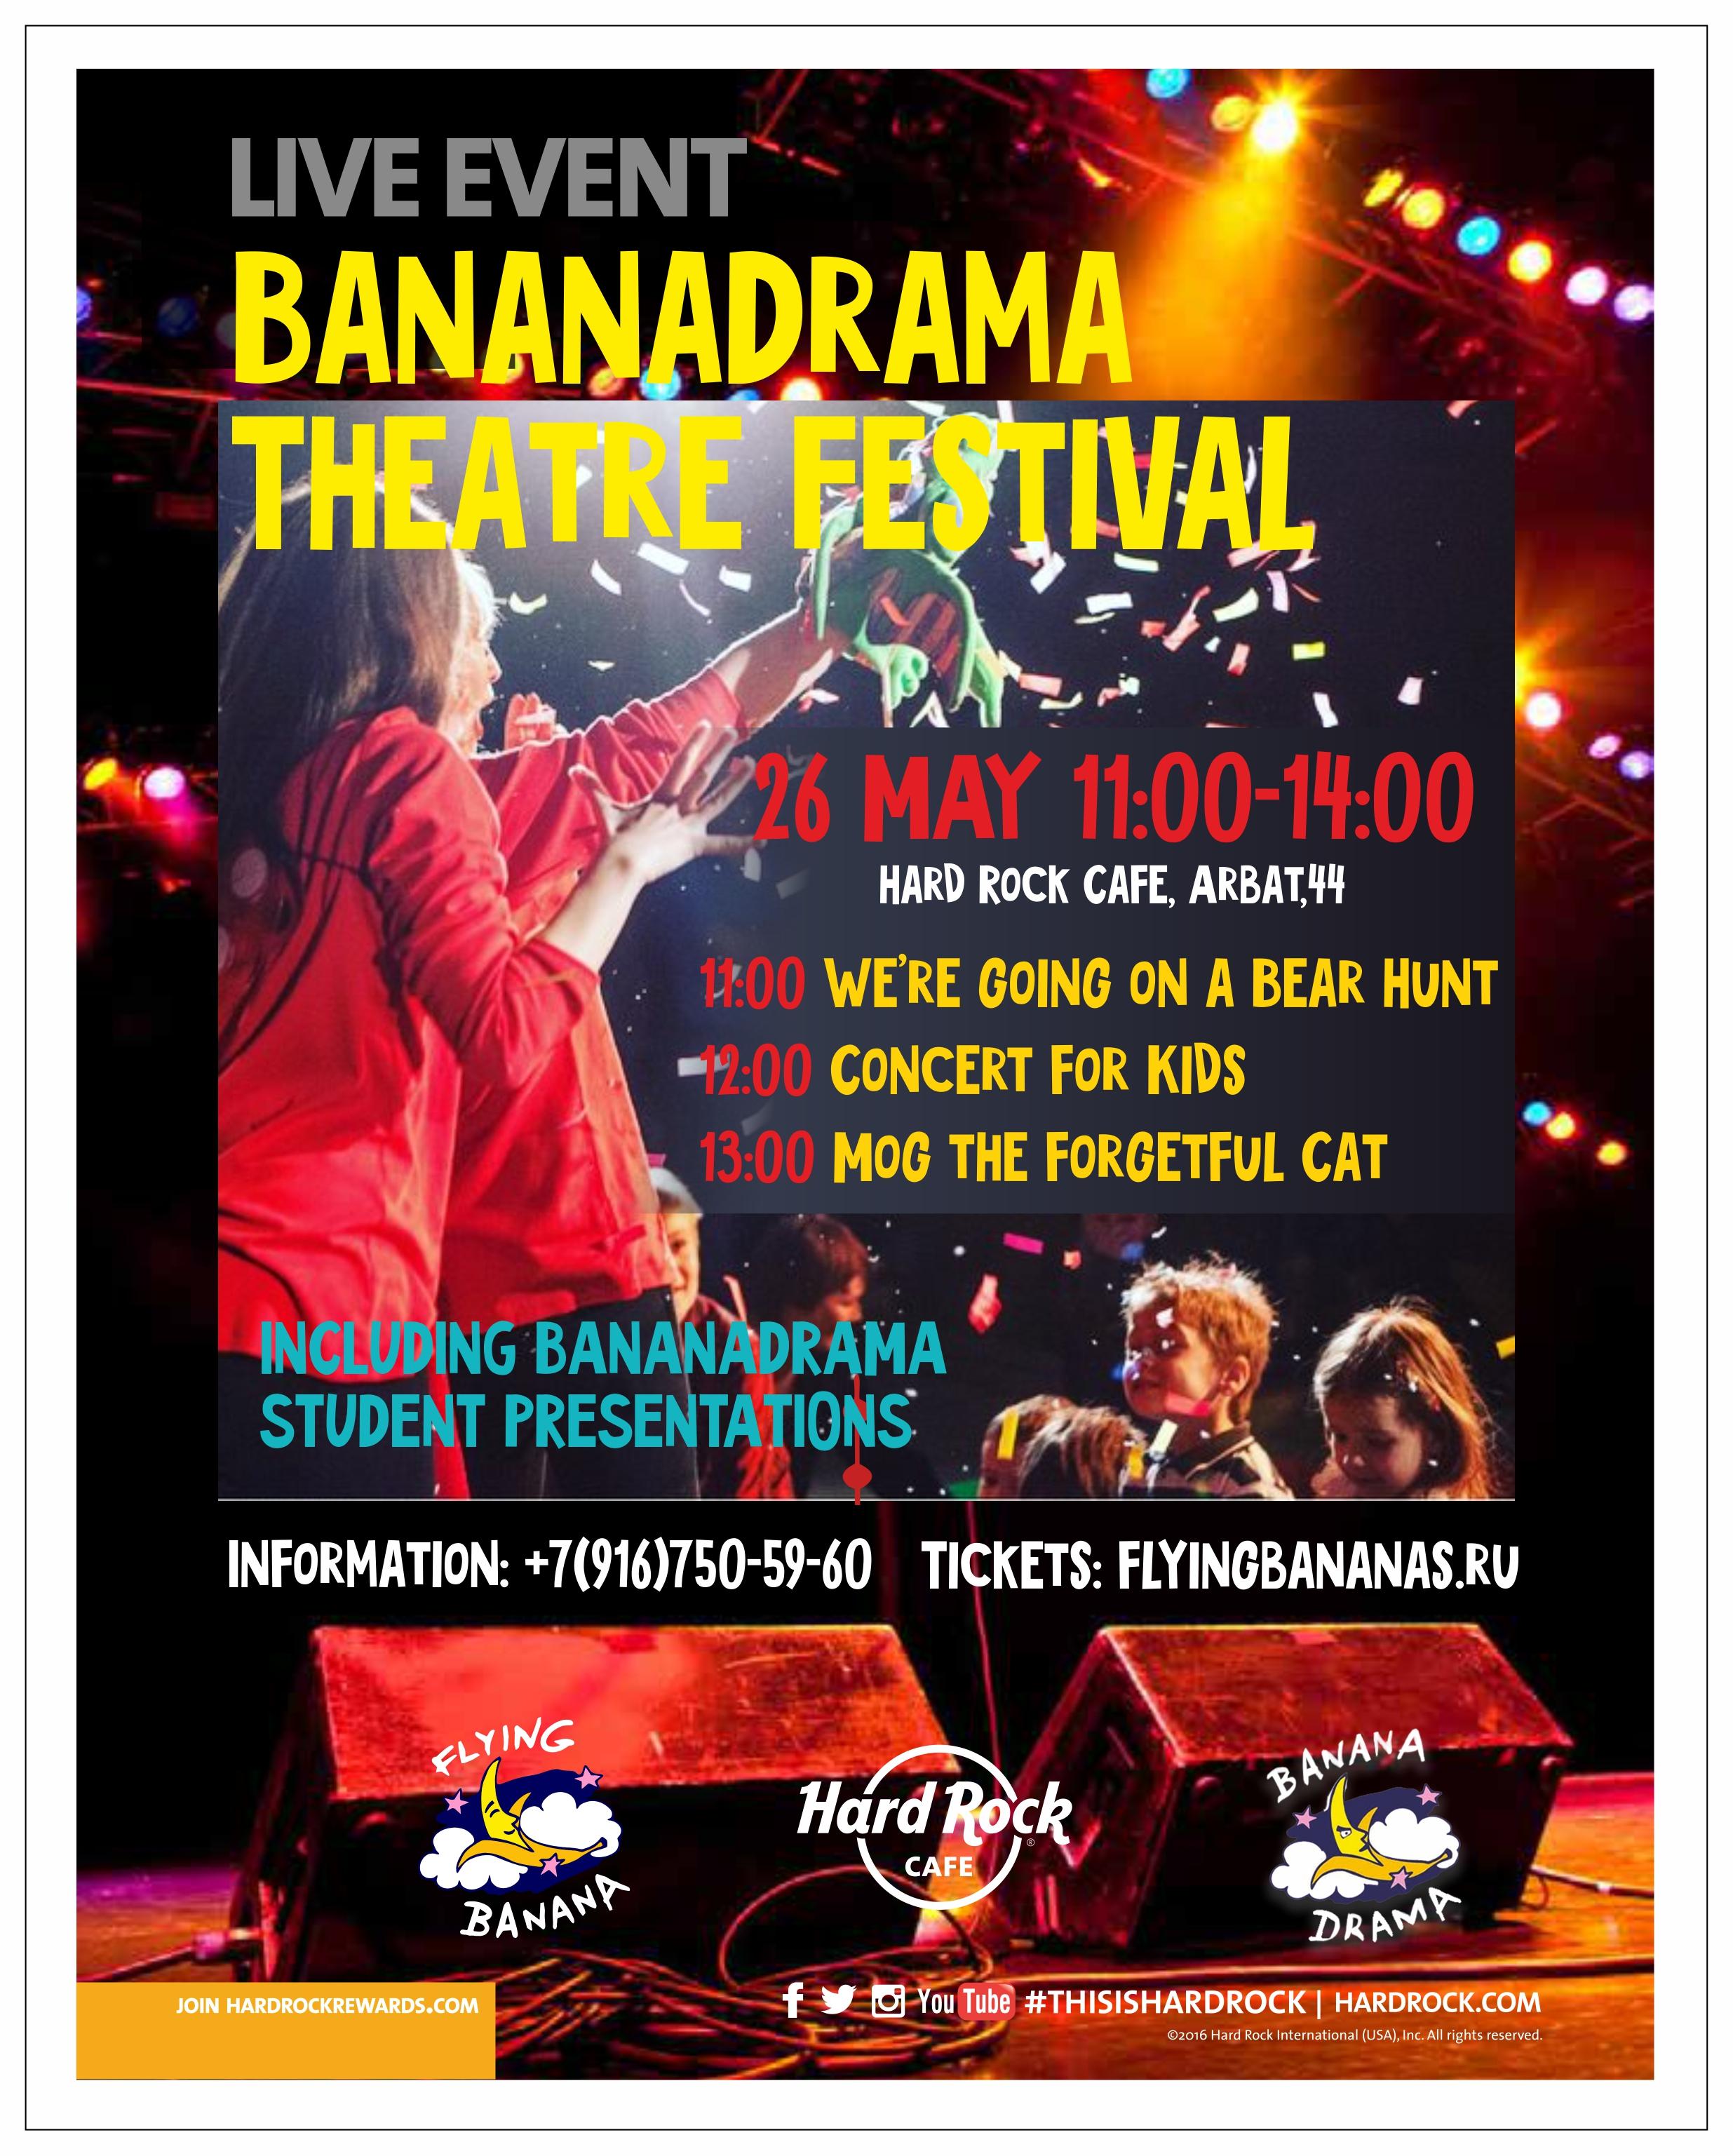 Театральный фестиваль BananaDrama